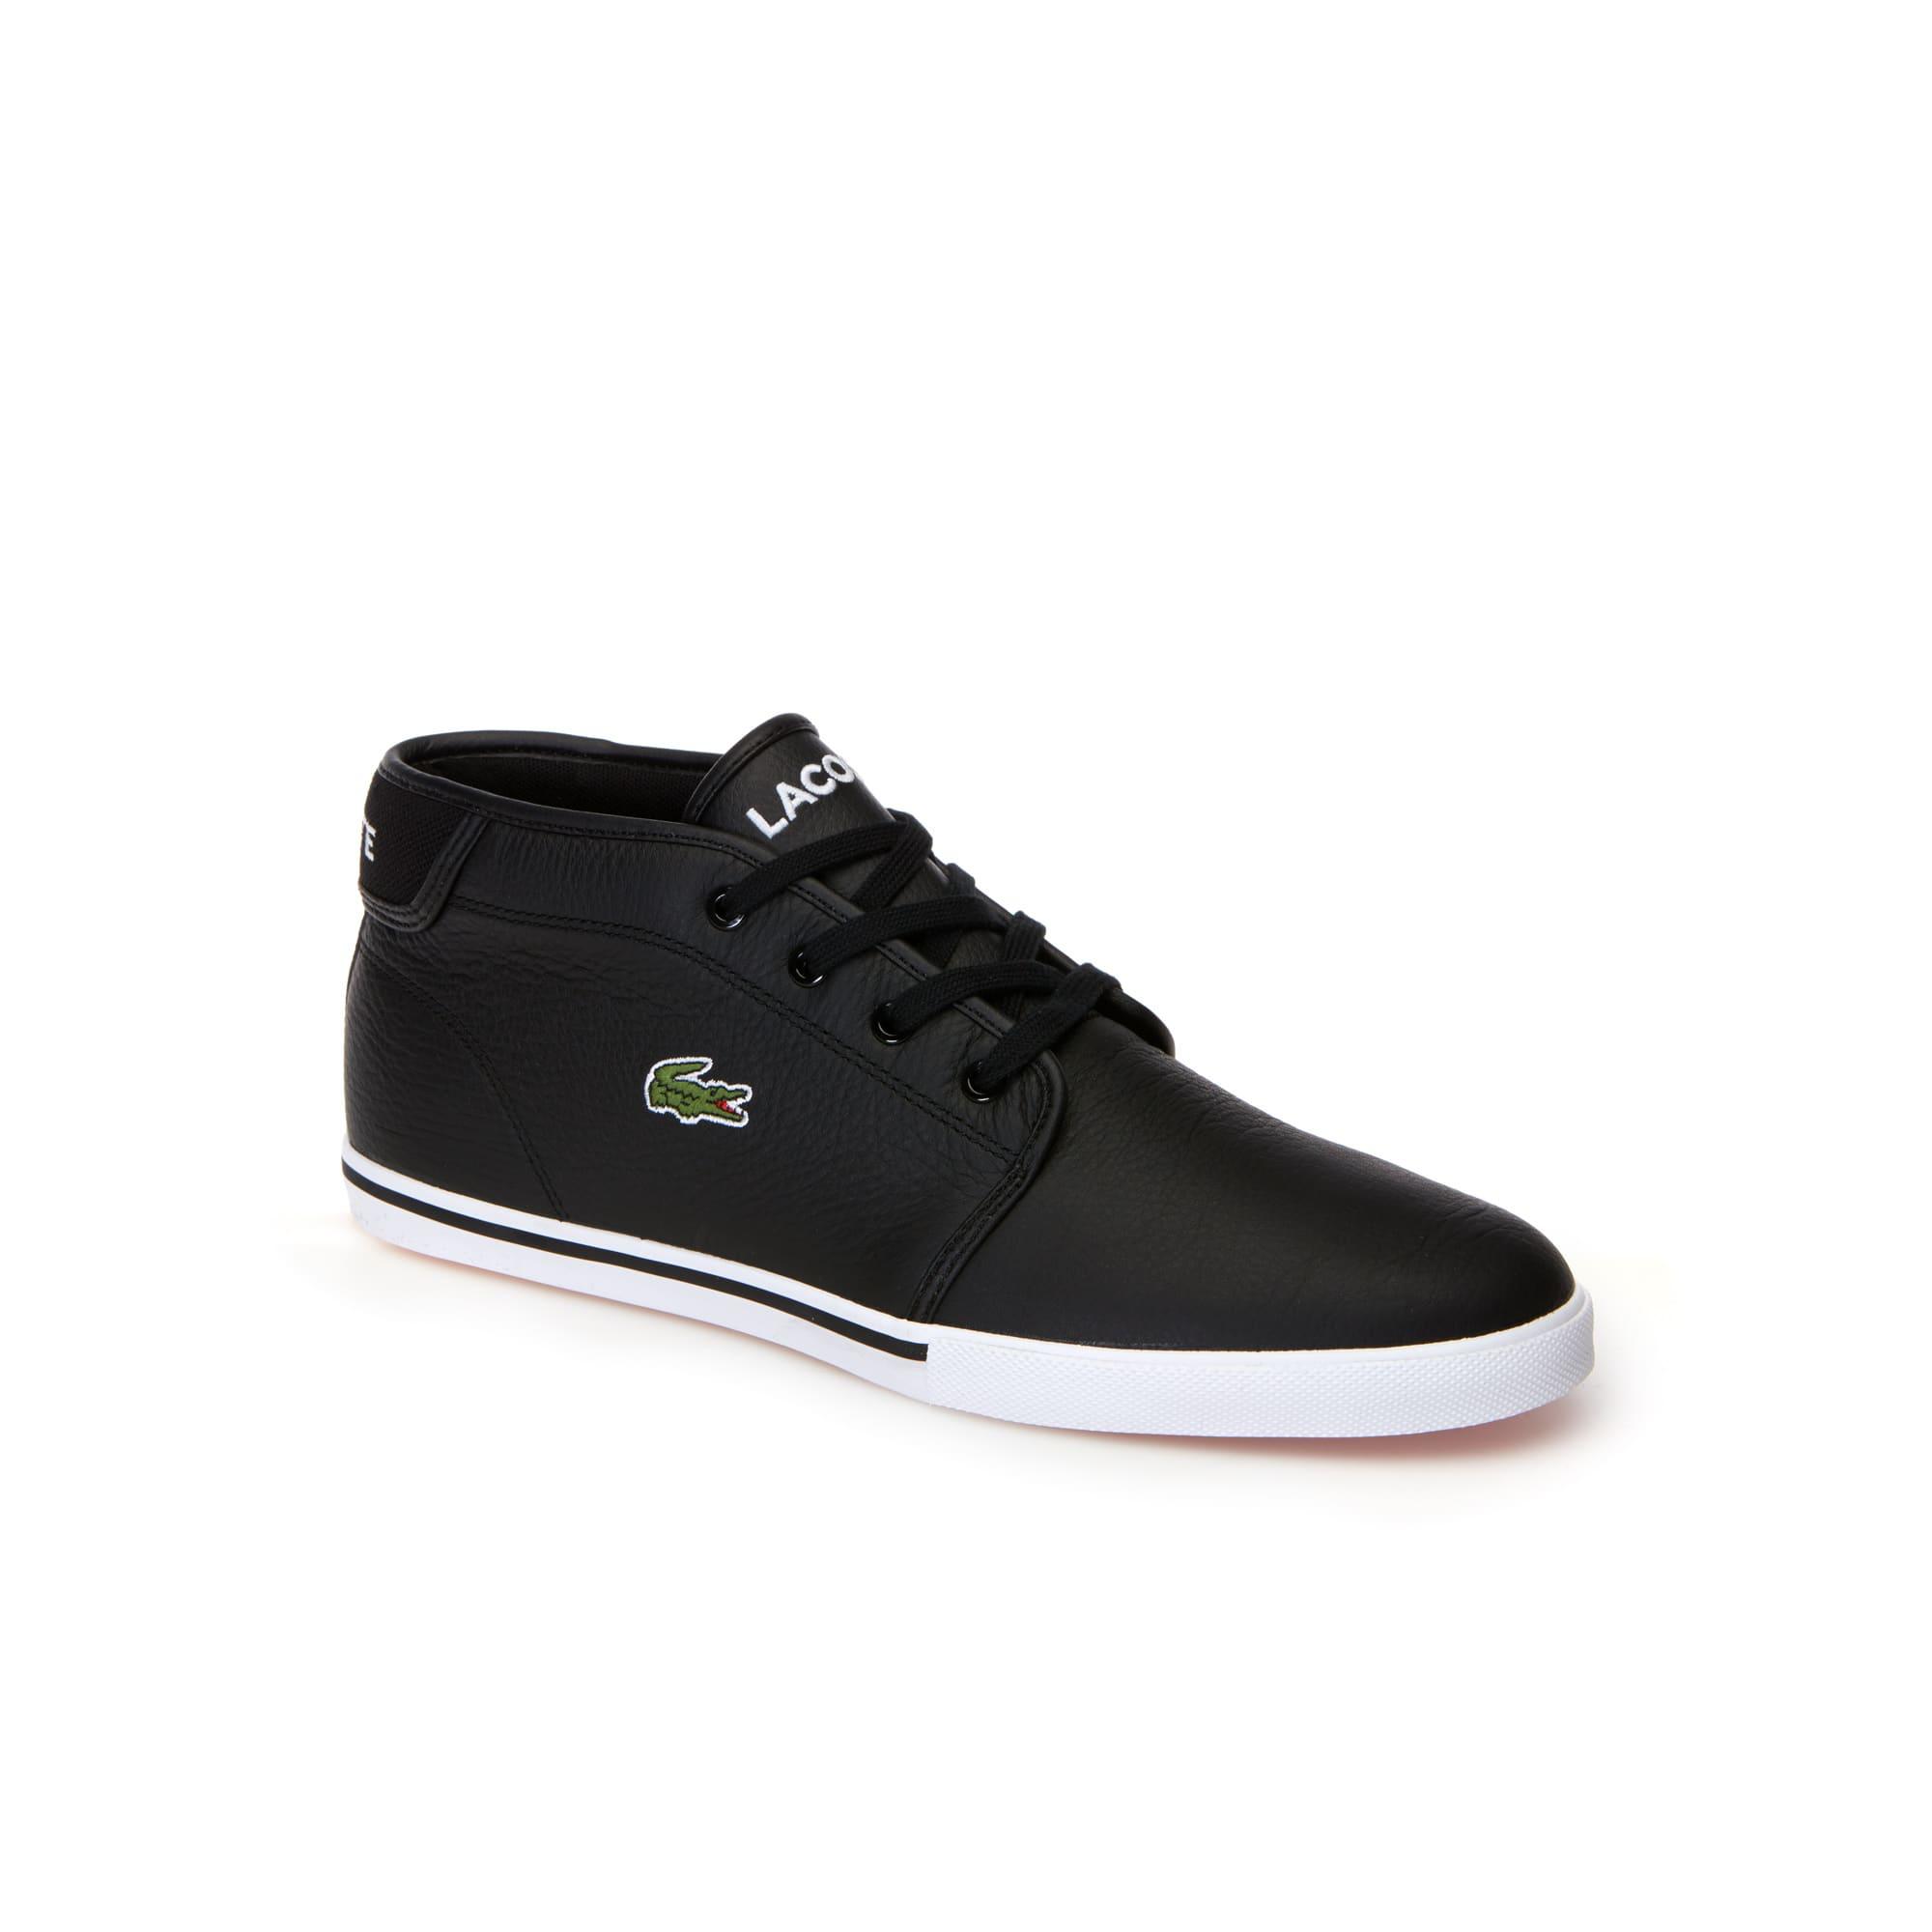 Leder-Sneaker Ampthill mit Paspel